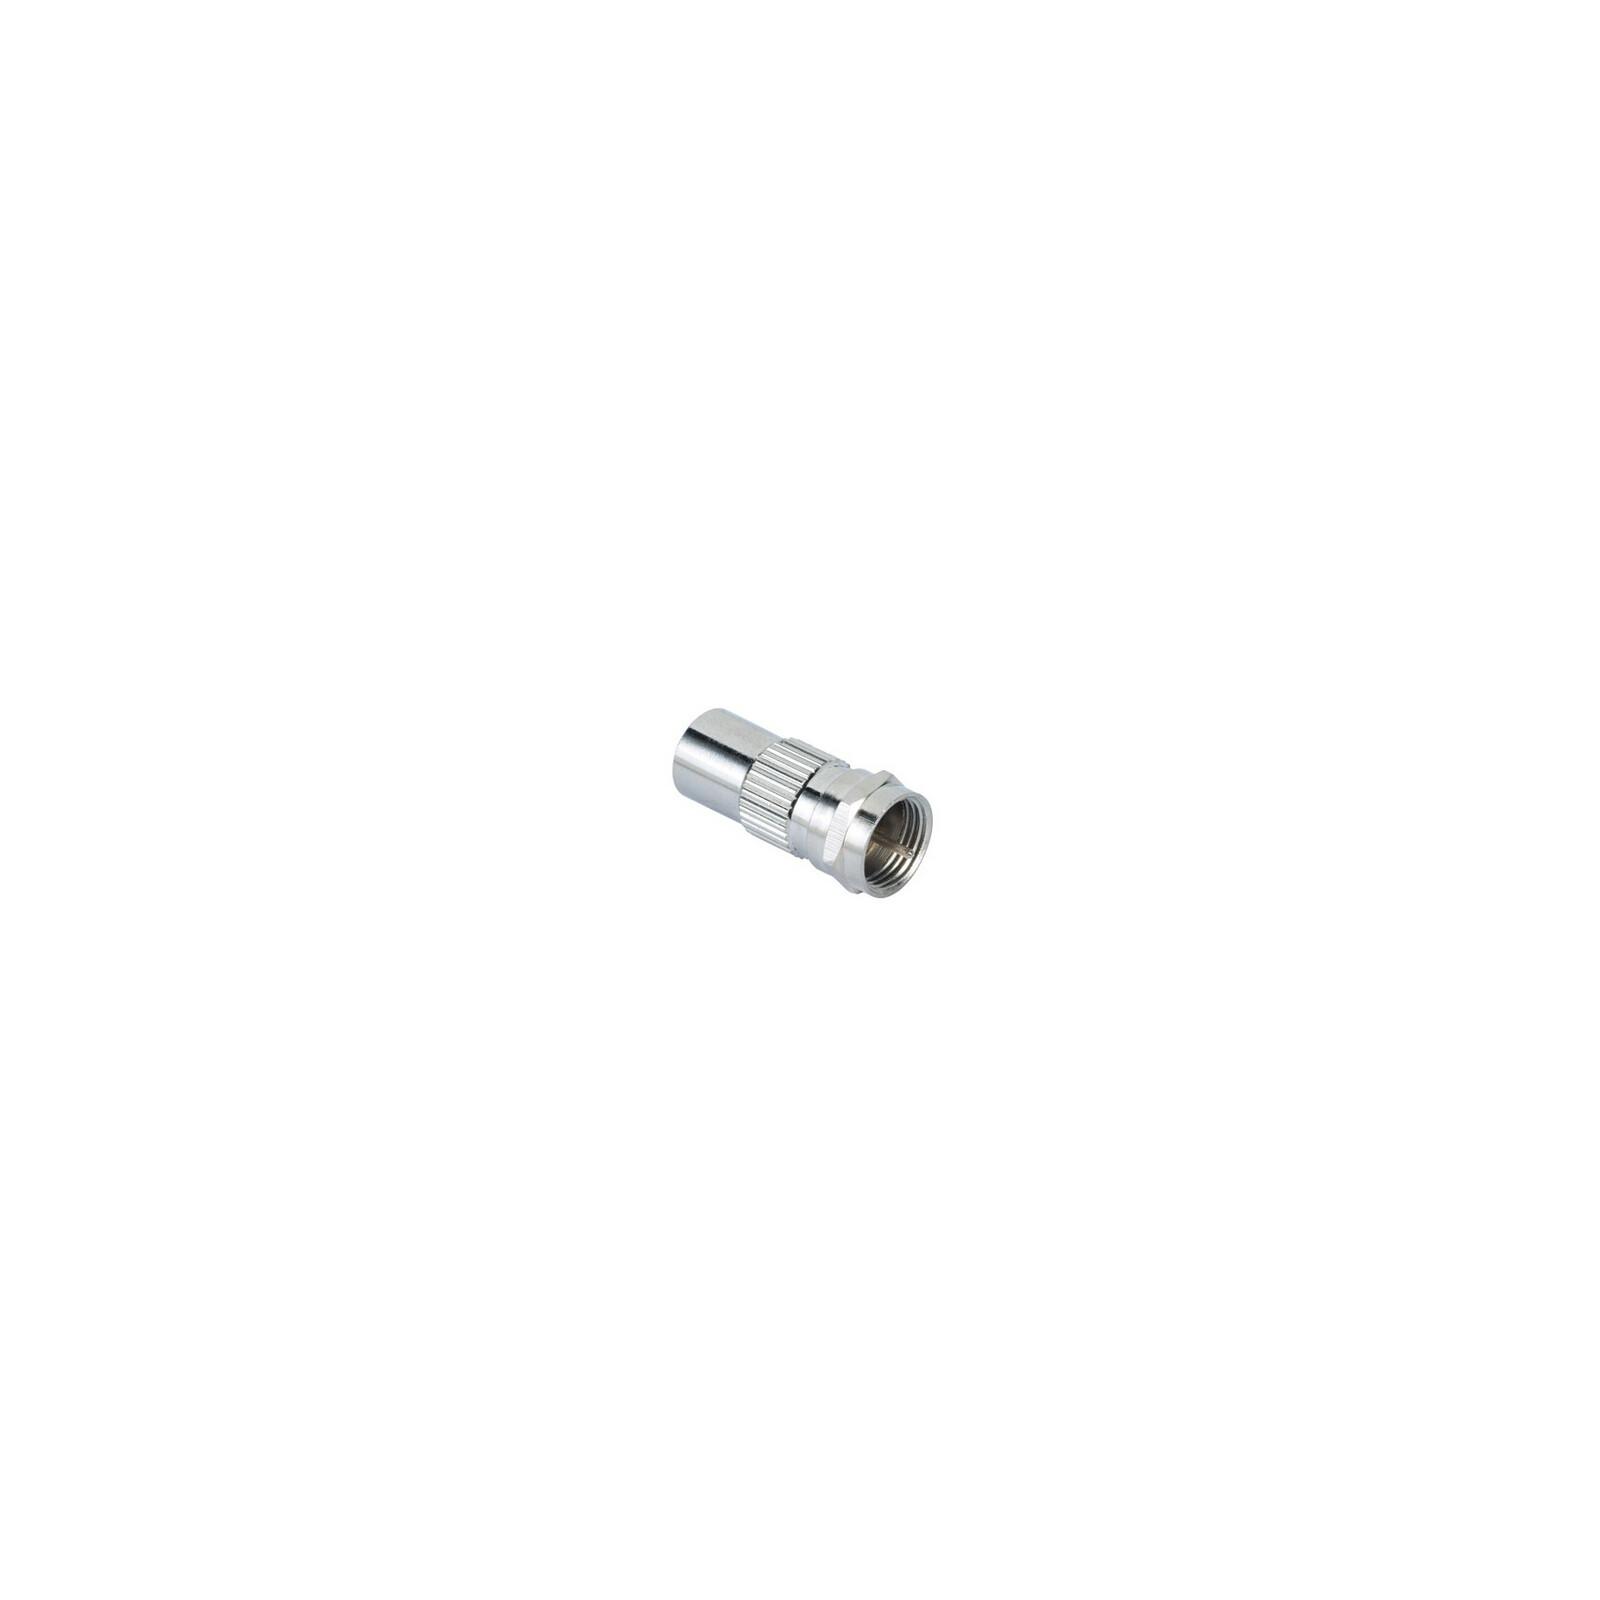 Hama 122485 SAT-Adapter F/Koax-Stecker